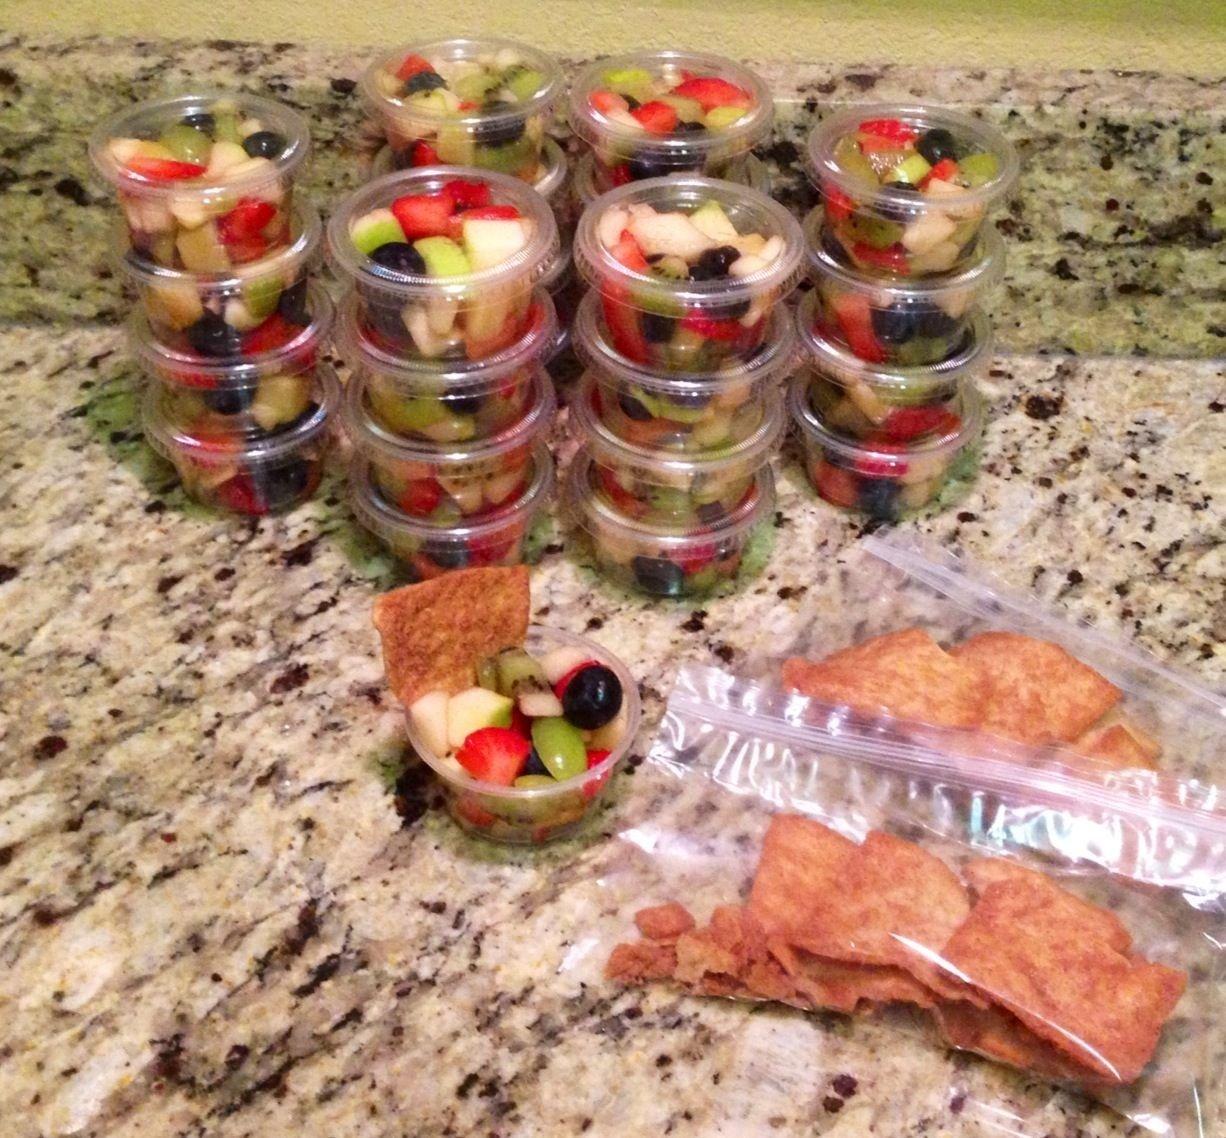 10 Attractive Snack Ideas For Kindergarten Class kindergarten class snack fruit salad cups with stacys cinnamon 2021